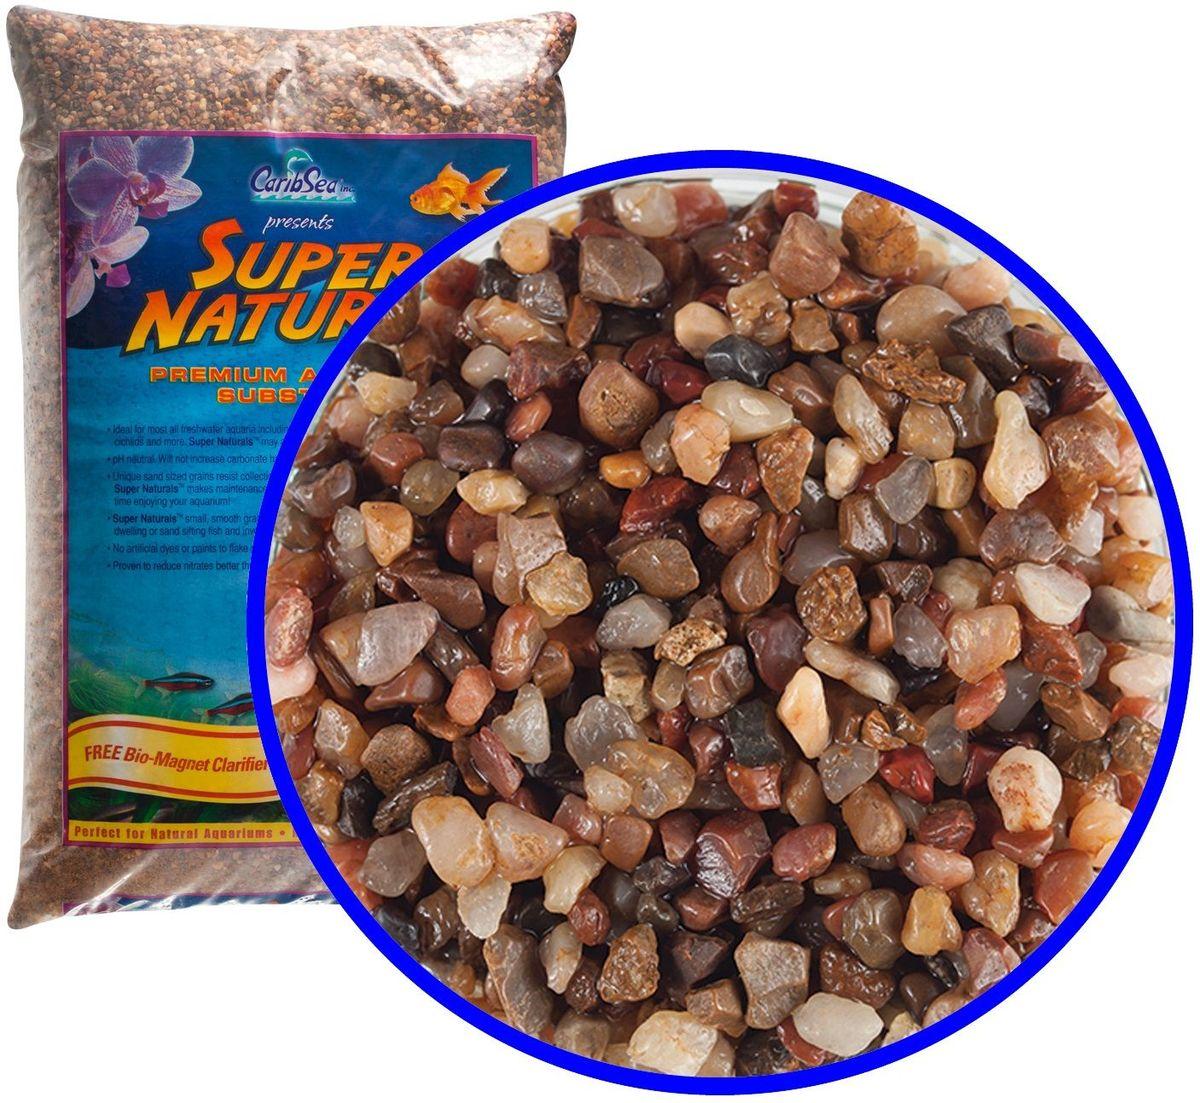 Аквагрунт пресноводный Caribsea Rio Grande, цвет: мульти, 3-5 мм, 9 кг0120710Аквариумный грунт премиум-класса с гладкими гранулами, безопасными для рыб и не препятствующими сбору отходов. Имеет нетральный уровень pH, не увеличивает карбонатную жесткость. Смесь цвета ассорти. Размер 3-5 мм.